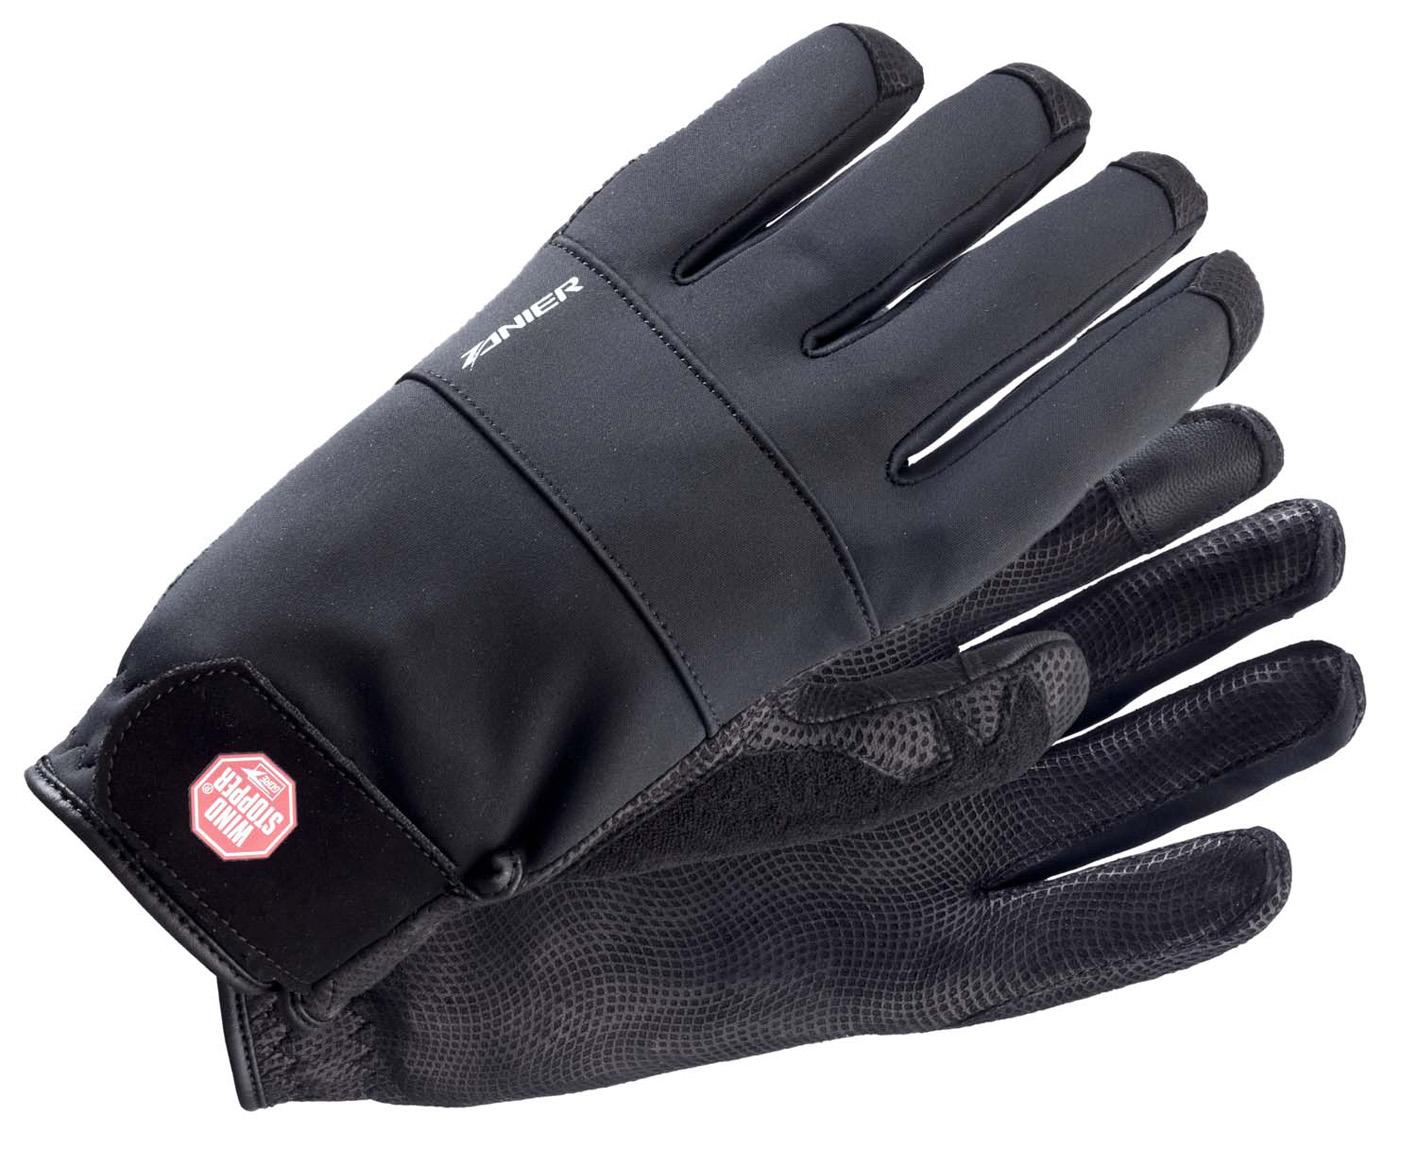 Zanier Gloves Damen Gerlitzen ZX Handschuhe Fingerhandschuhe NEU Camping & Outdoor Handschuhe